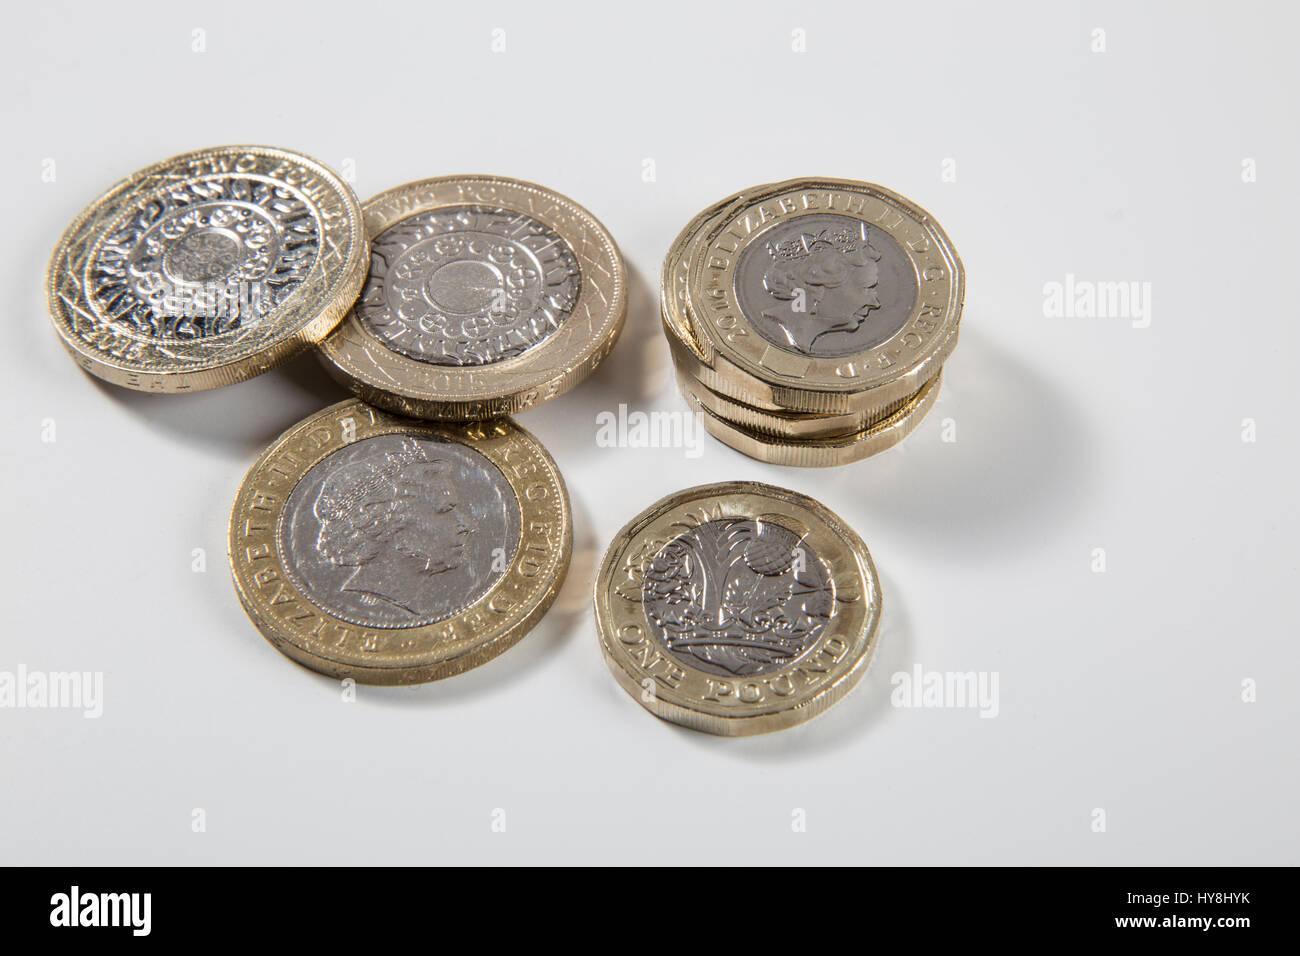 Neue 1 Pfund Münze Und 2 Pfund Münzen Stockfoto Bild 137258007